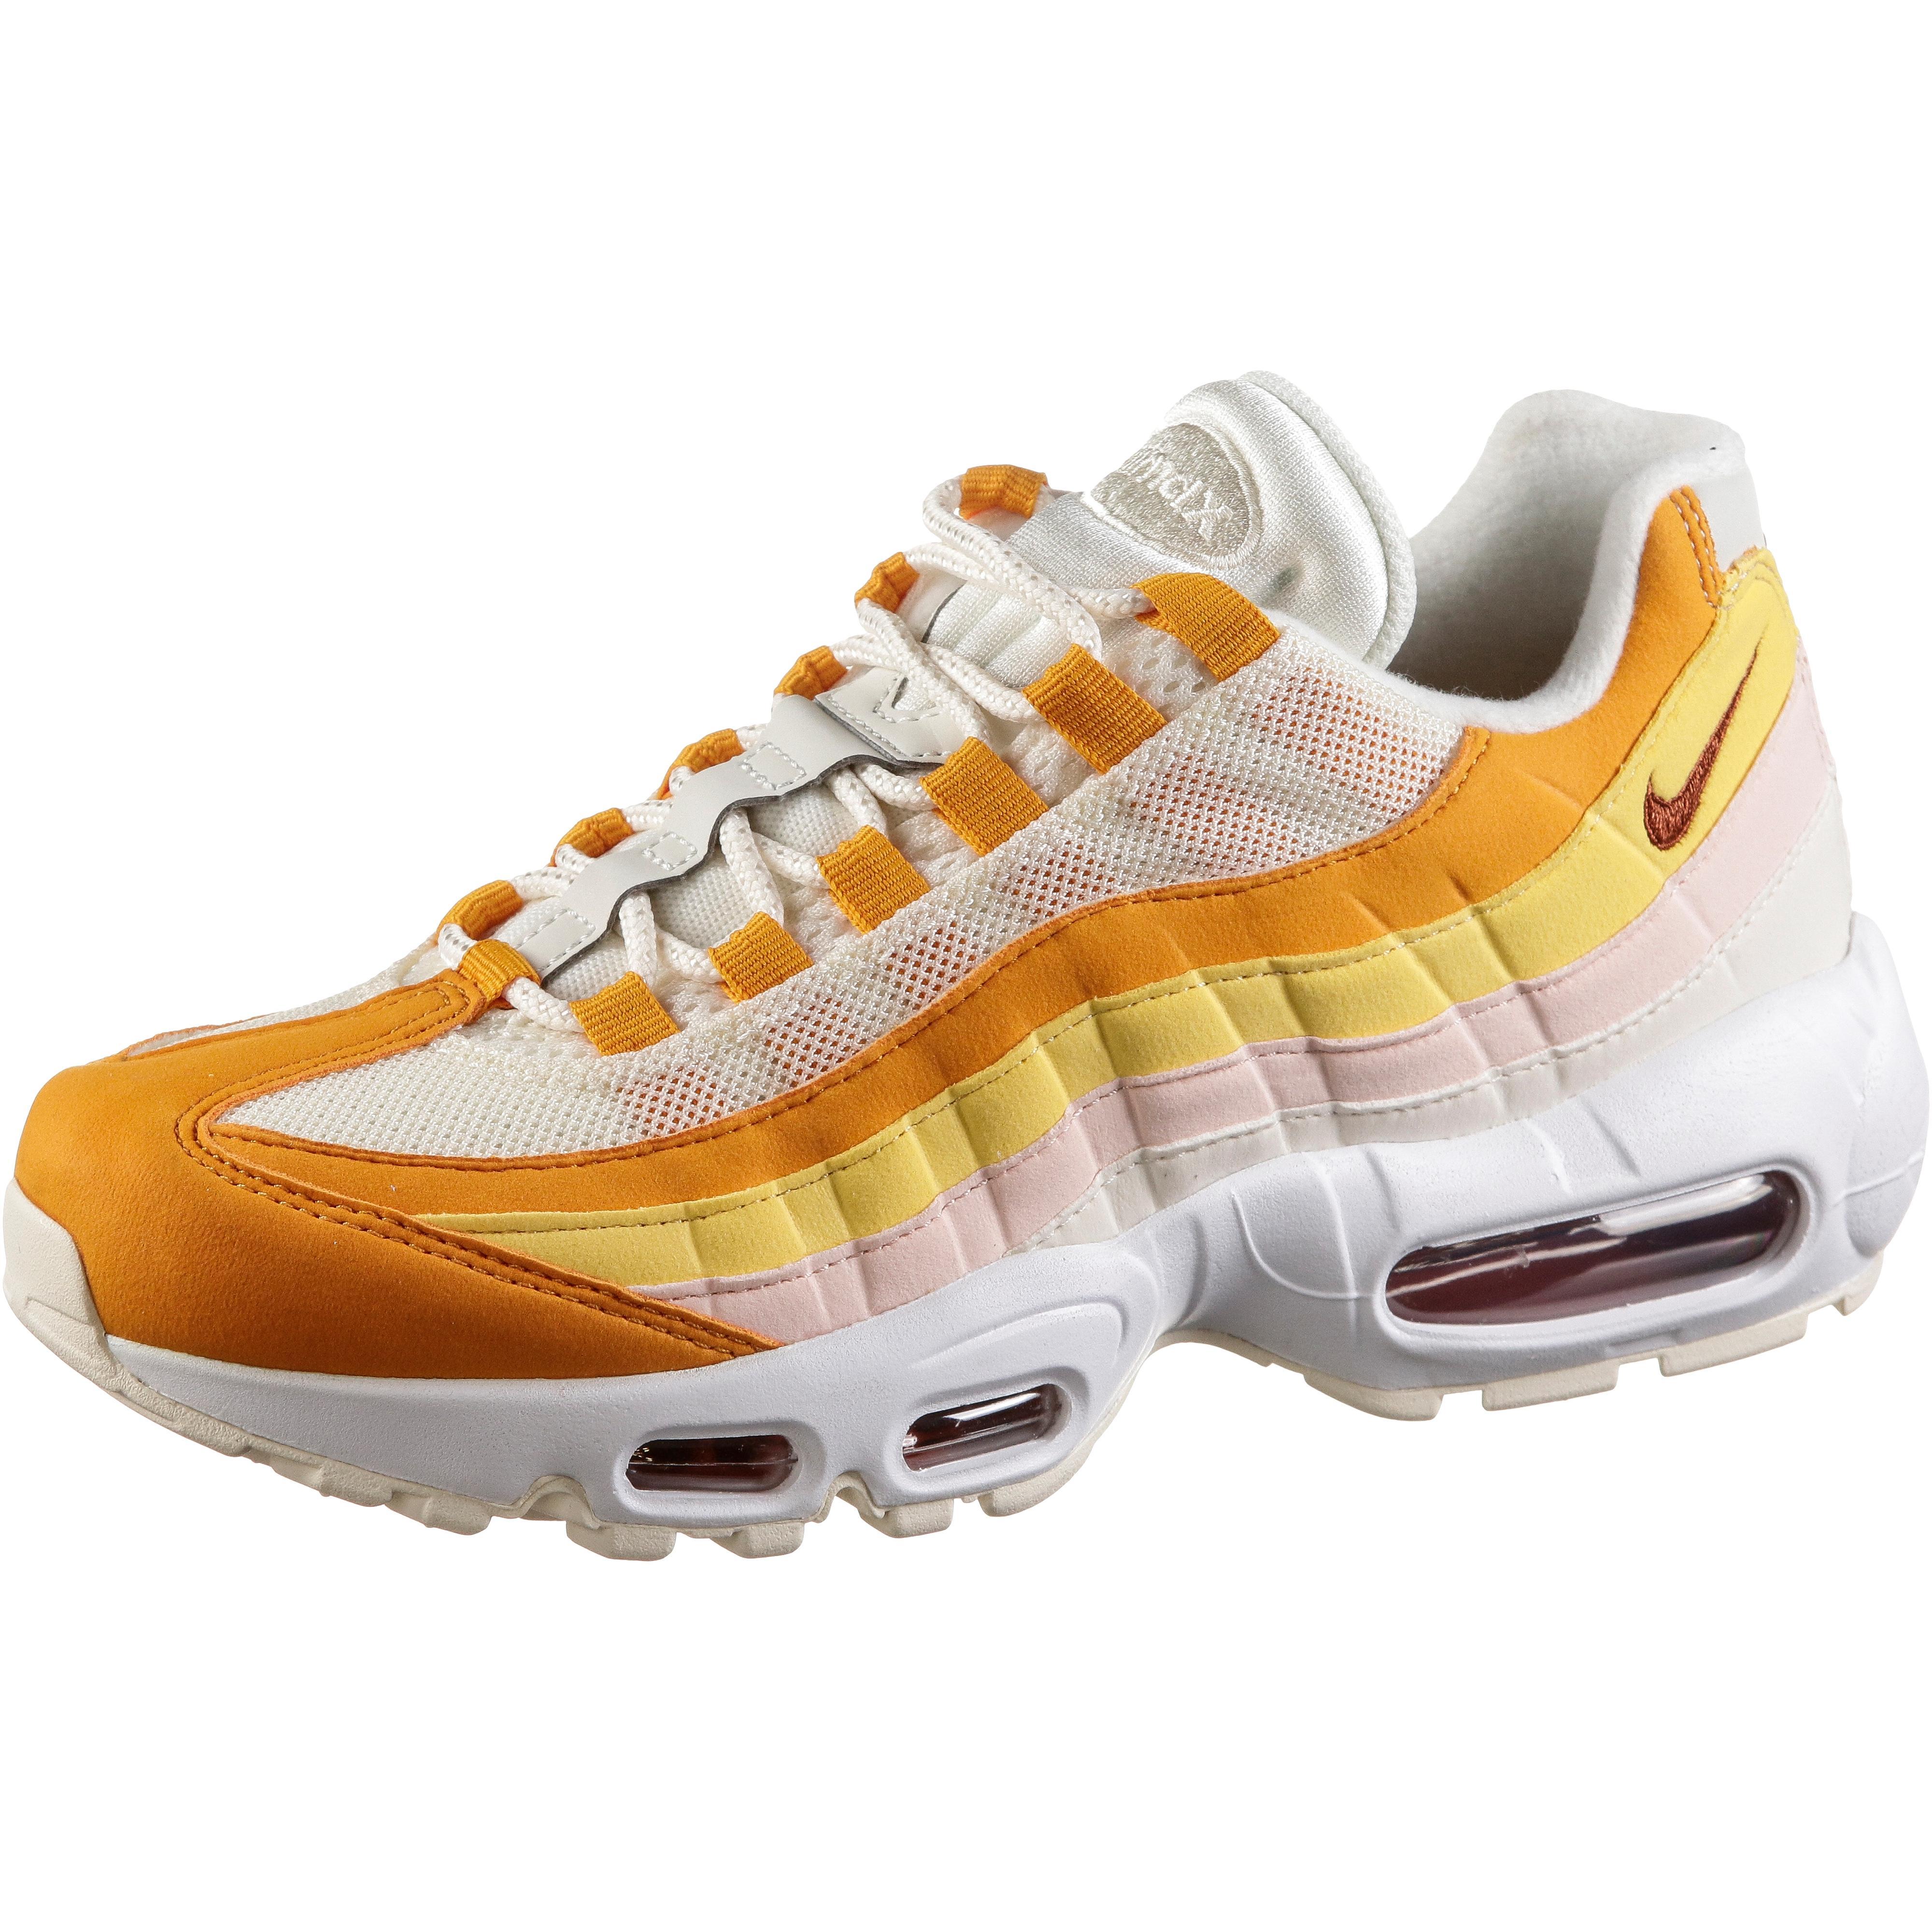 atshop24 Schuhe shop24 online kaufen über günstig vnwOmN08